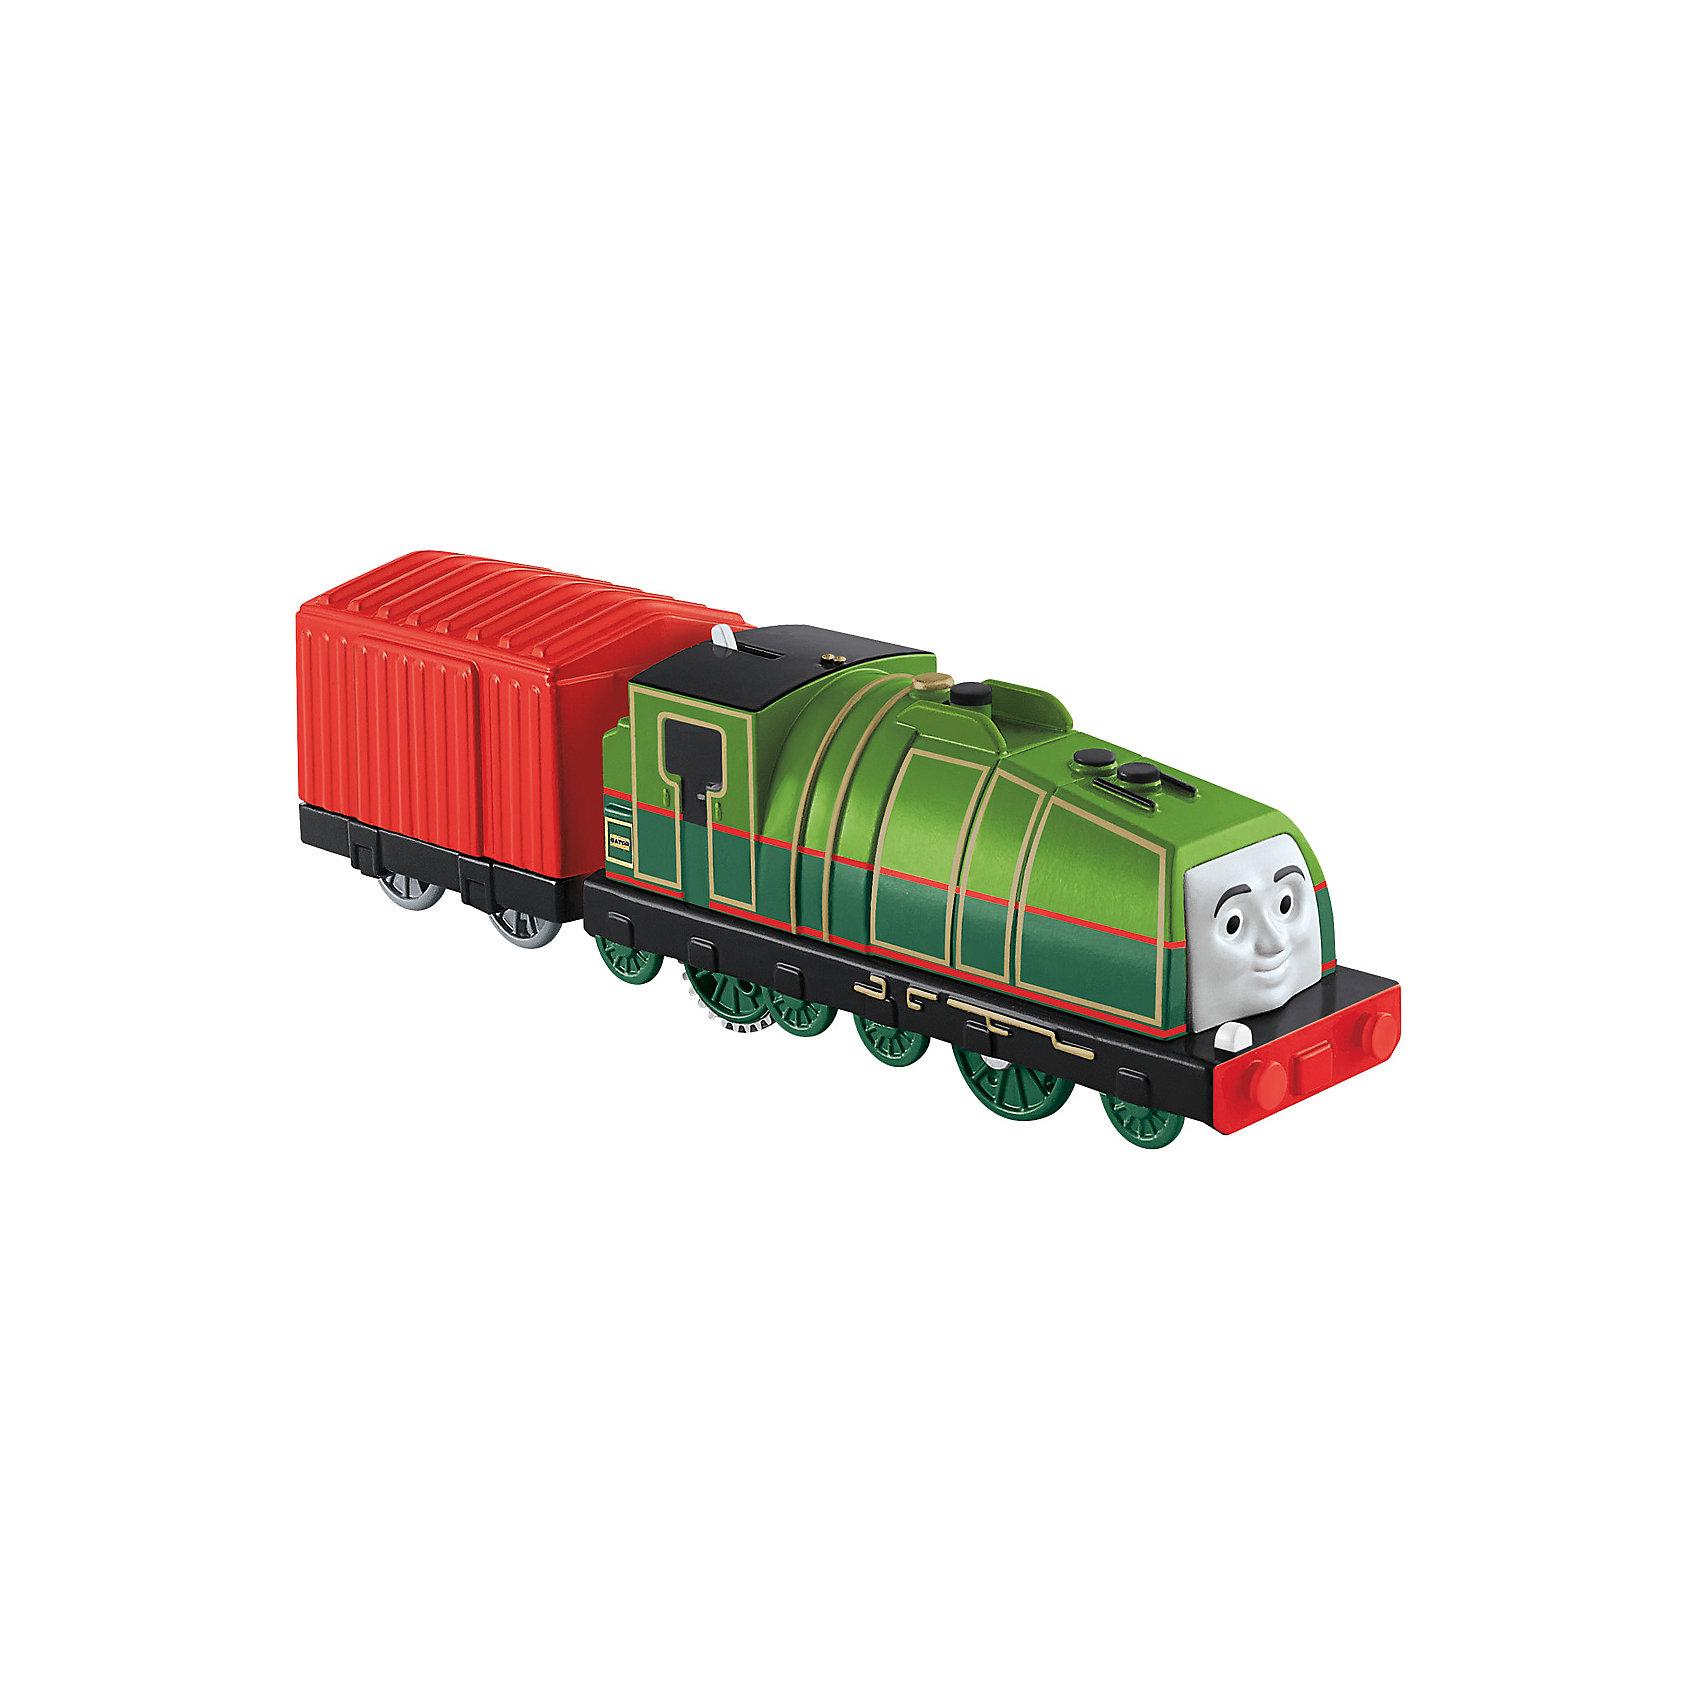 Дополнительные паровозики, Томас и его друзья от myToys